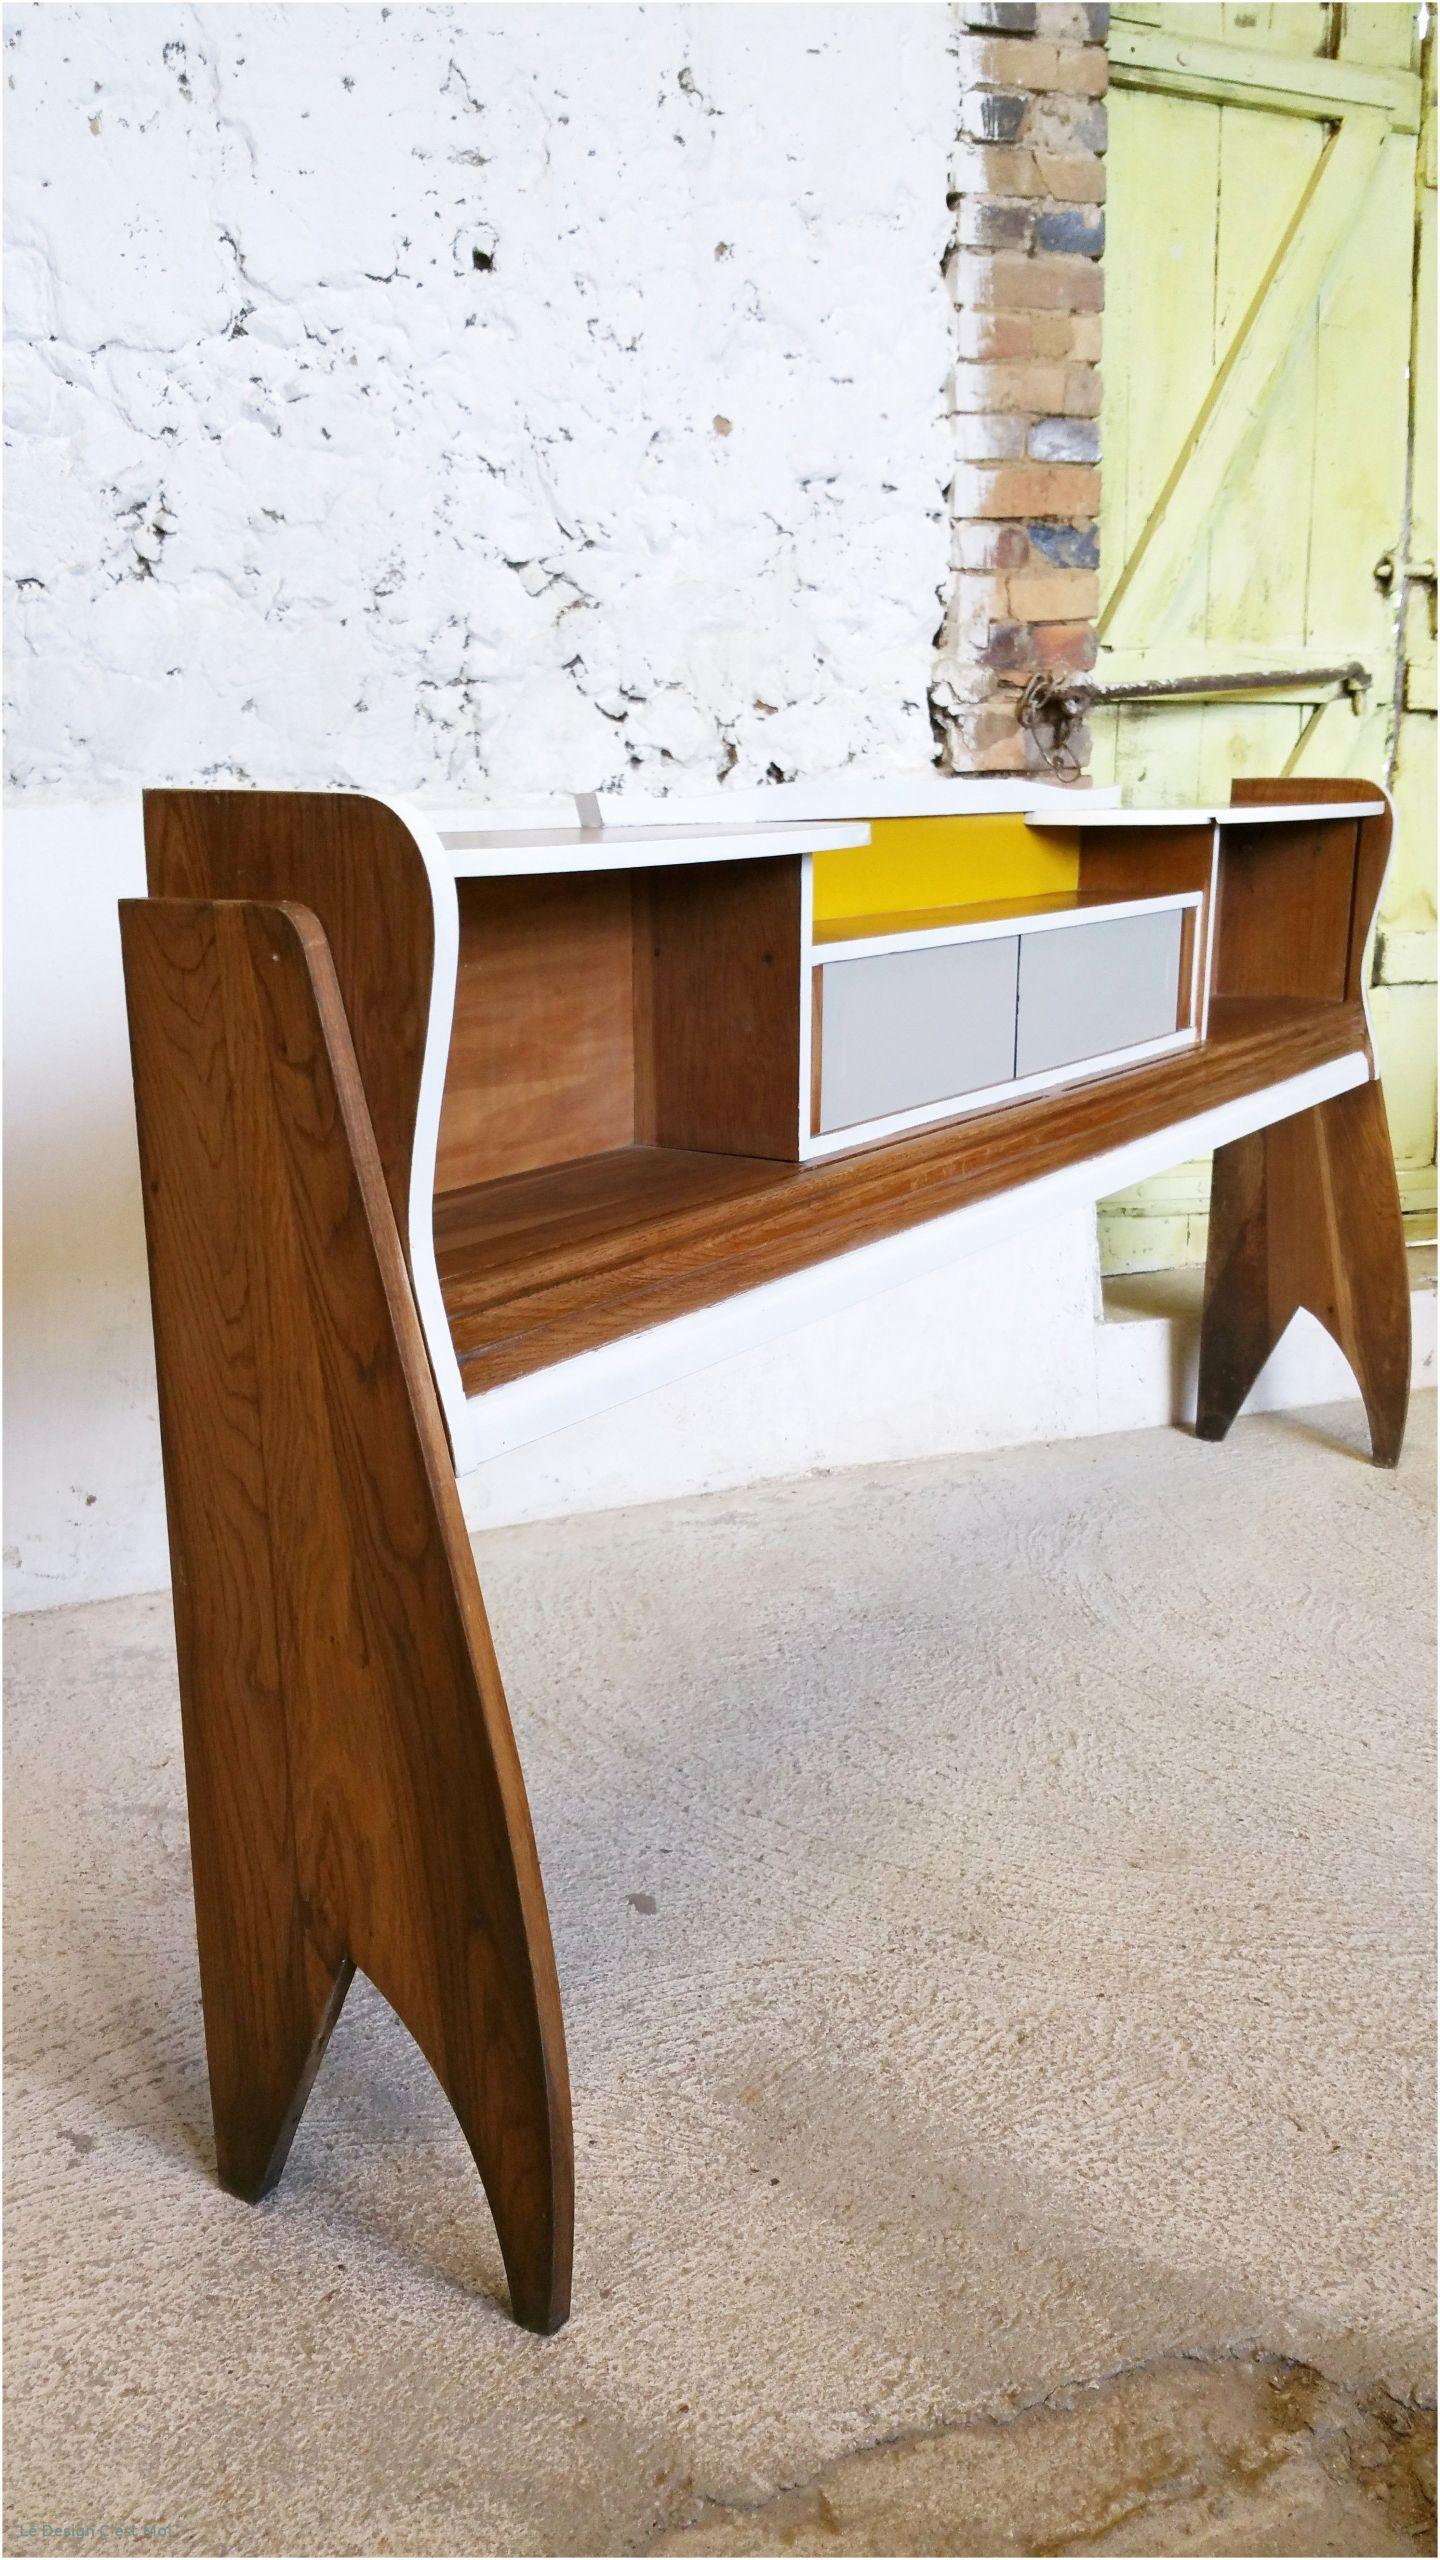 meuble de salon blanc et bois meuble salon bois meubles de salon blanc luxe meuble noir et bois of meuble de salon blanc et bois 1